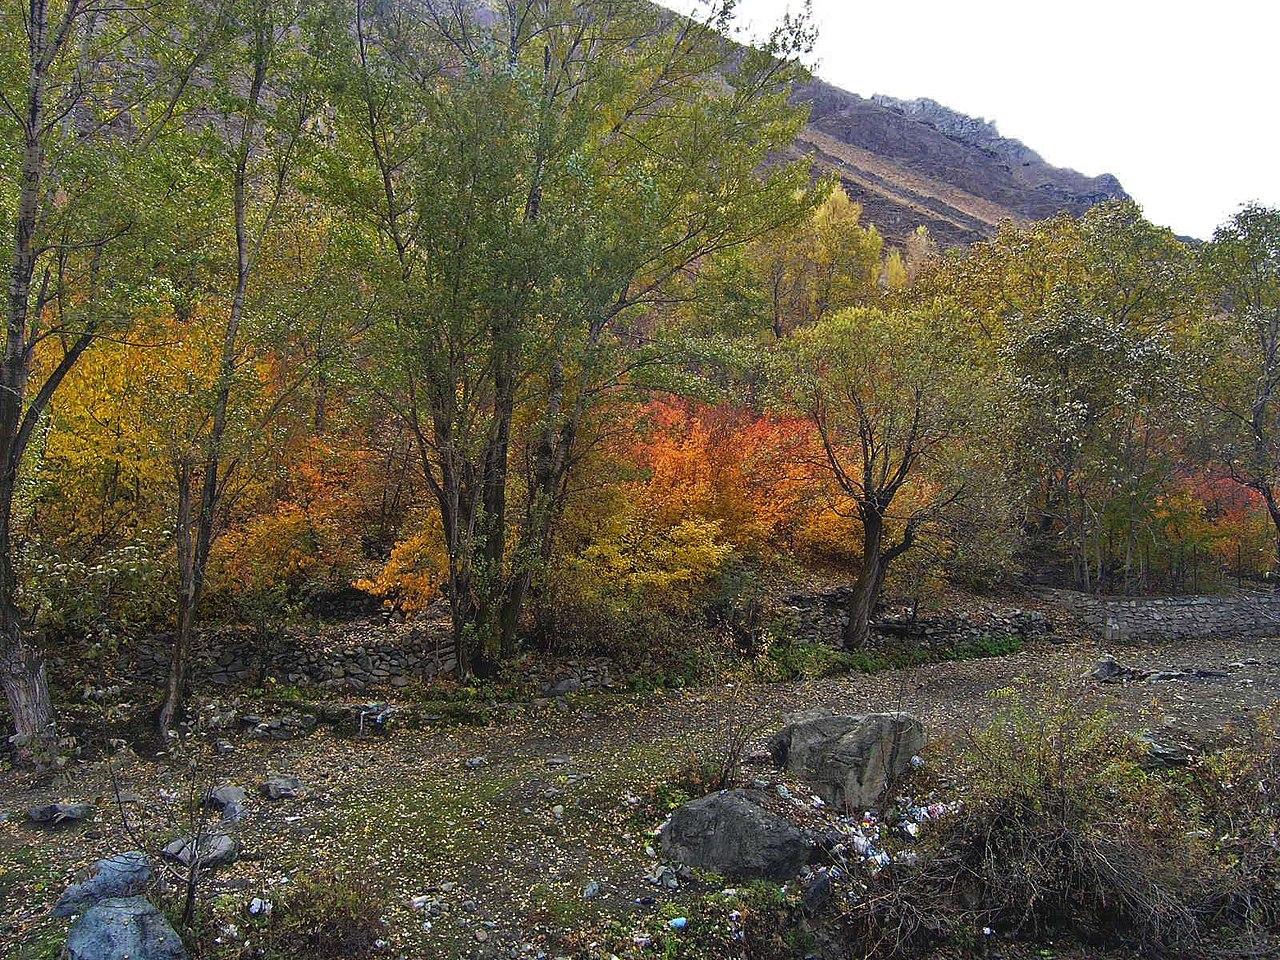 منظره روستا در پاییز